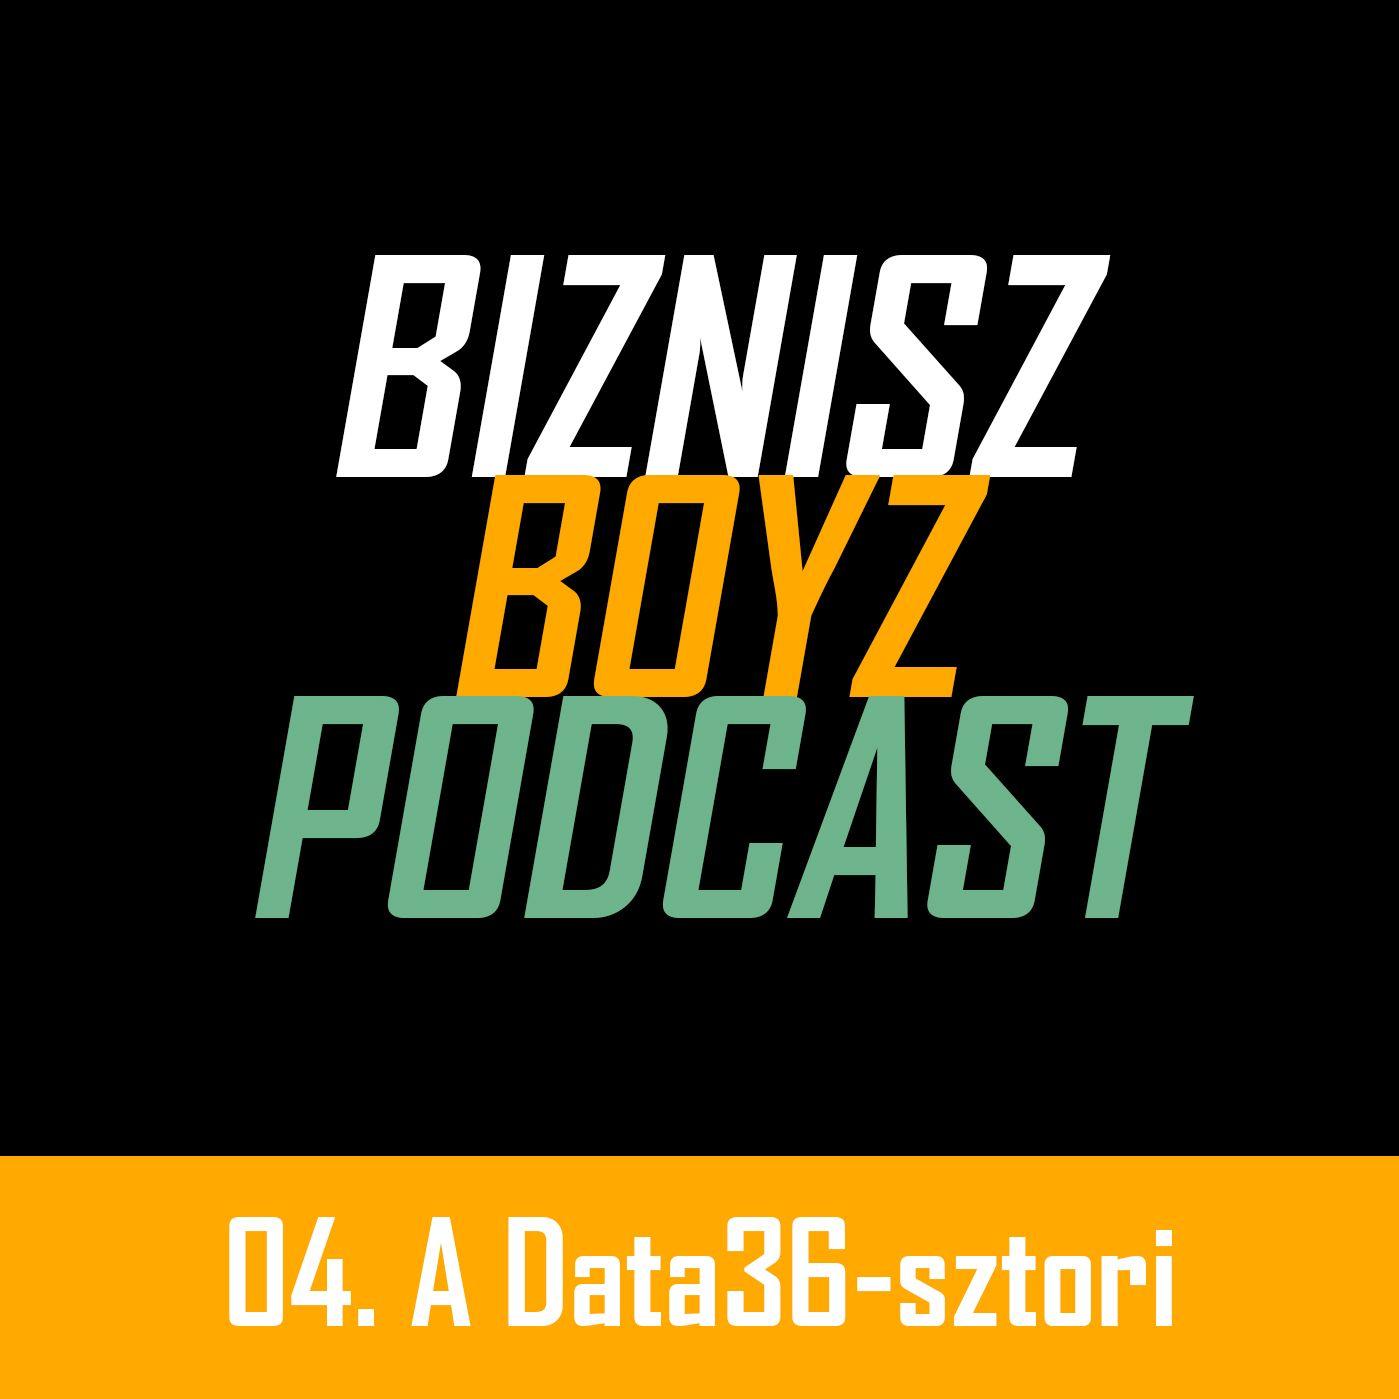 4. Online oktatás, videókurzus-készítés Data Science témában: a Data36-sztori | Biznisz Boyz Podcast